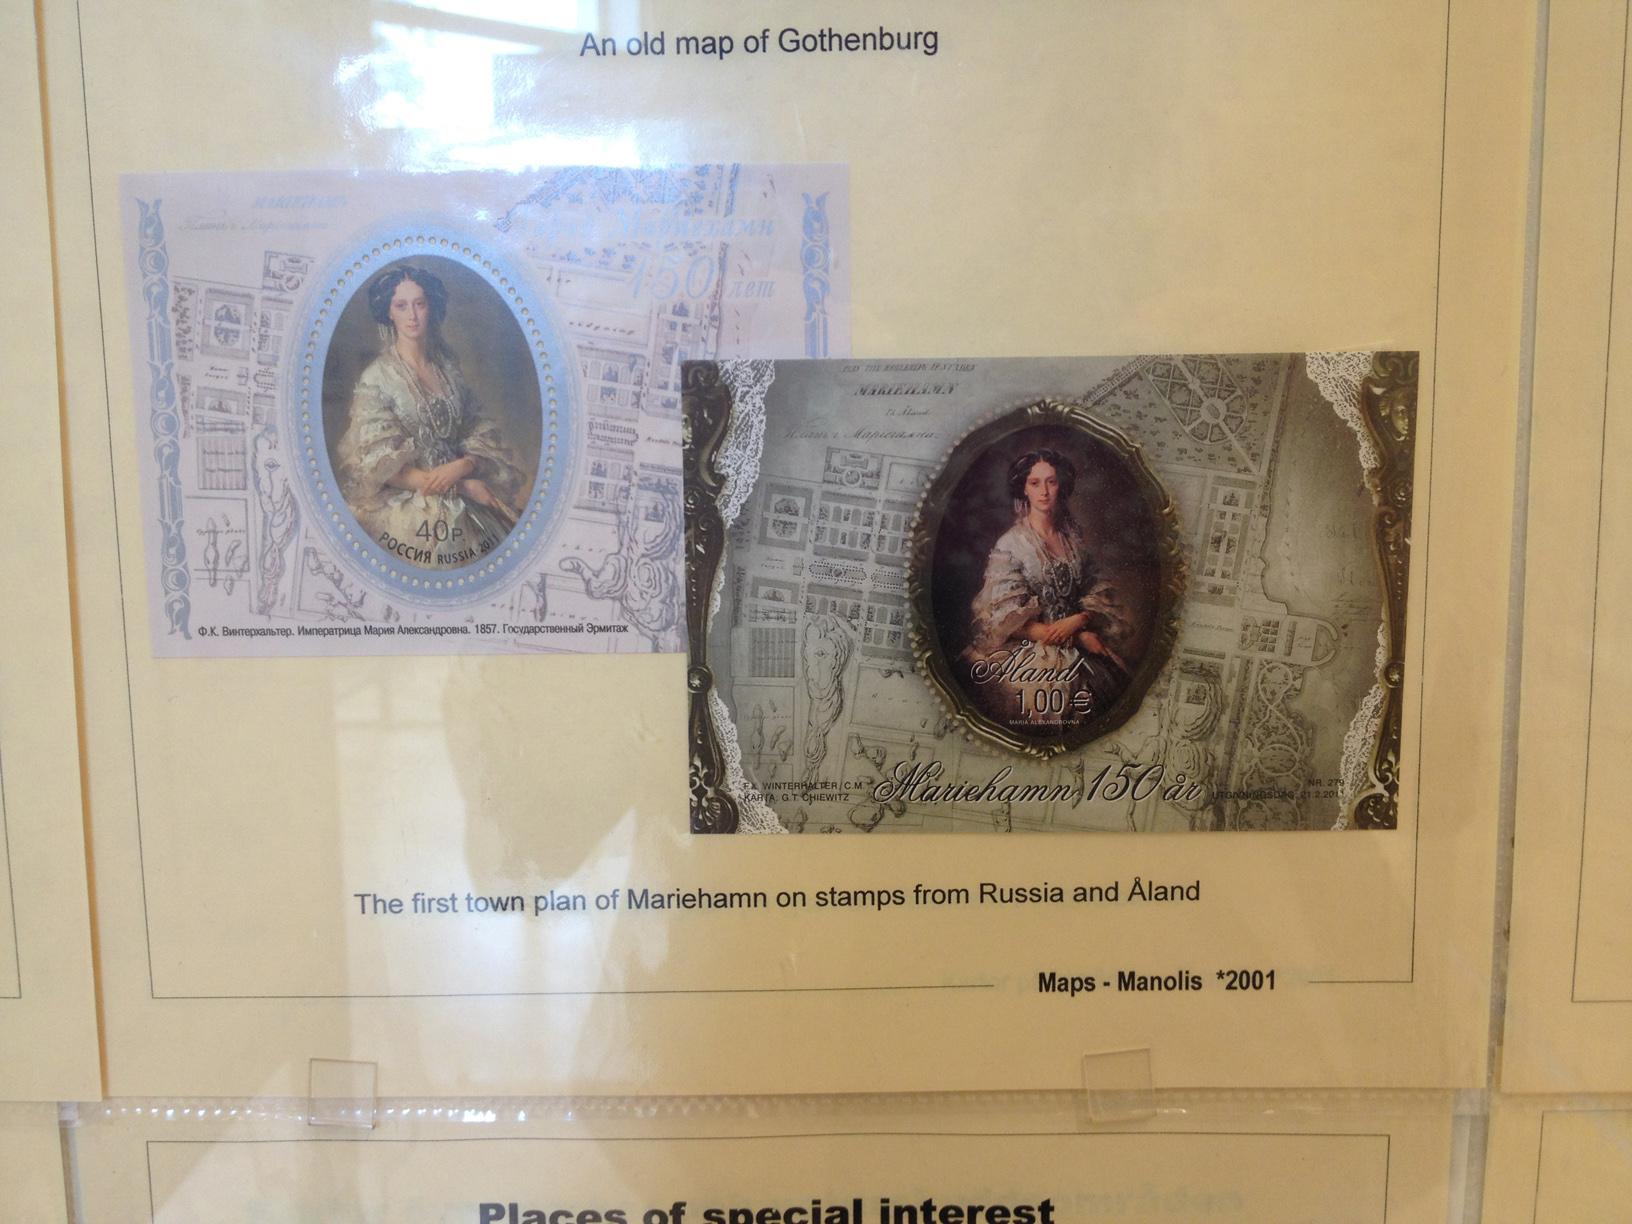 Российский почтовый блок с картой Гетеборга (Швеция) на выставке